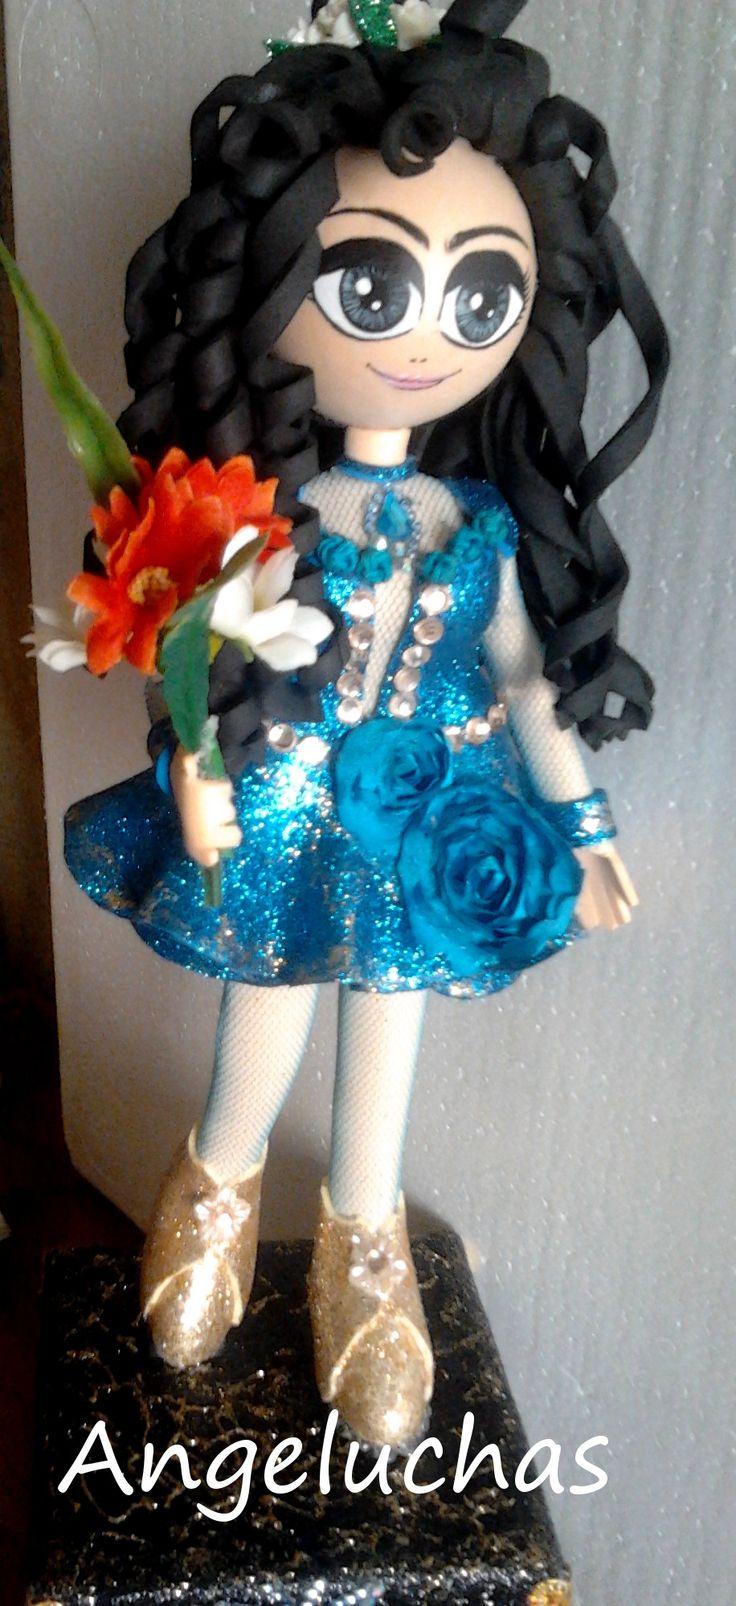 Fofuchas angeluchas: Muñecas fofuchas artesanales y personalizadas: Celeste.